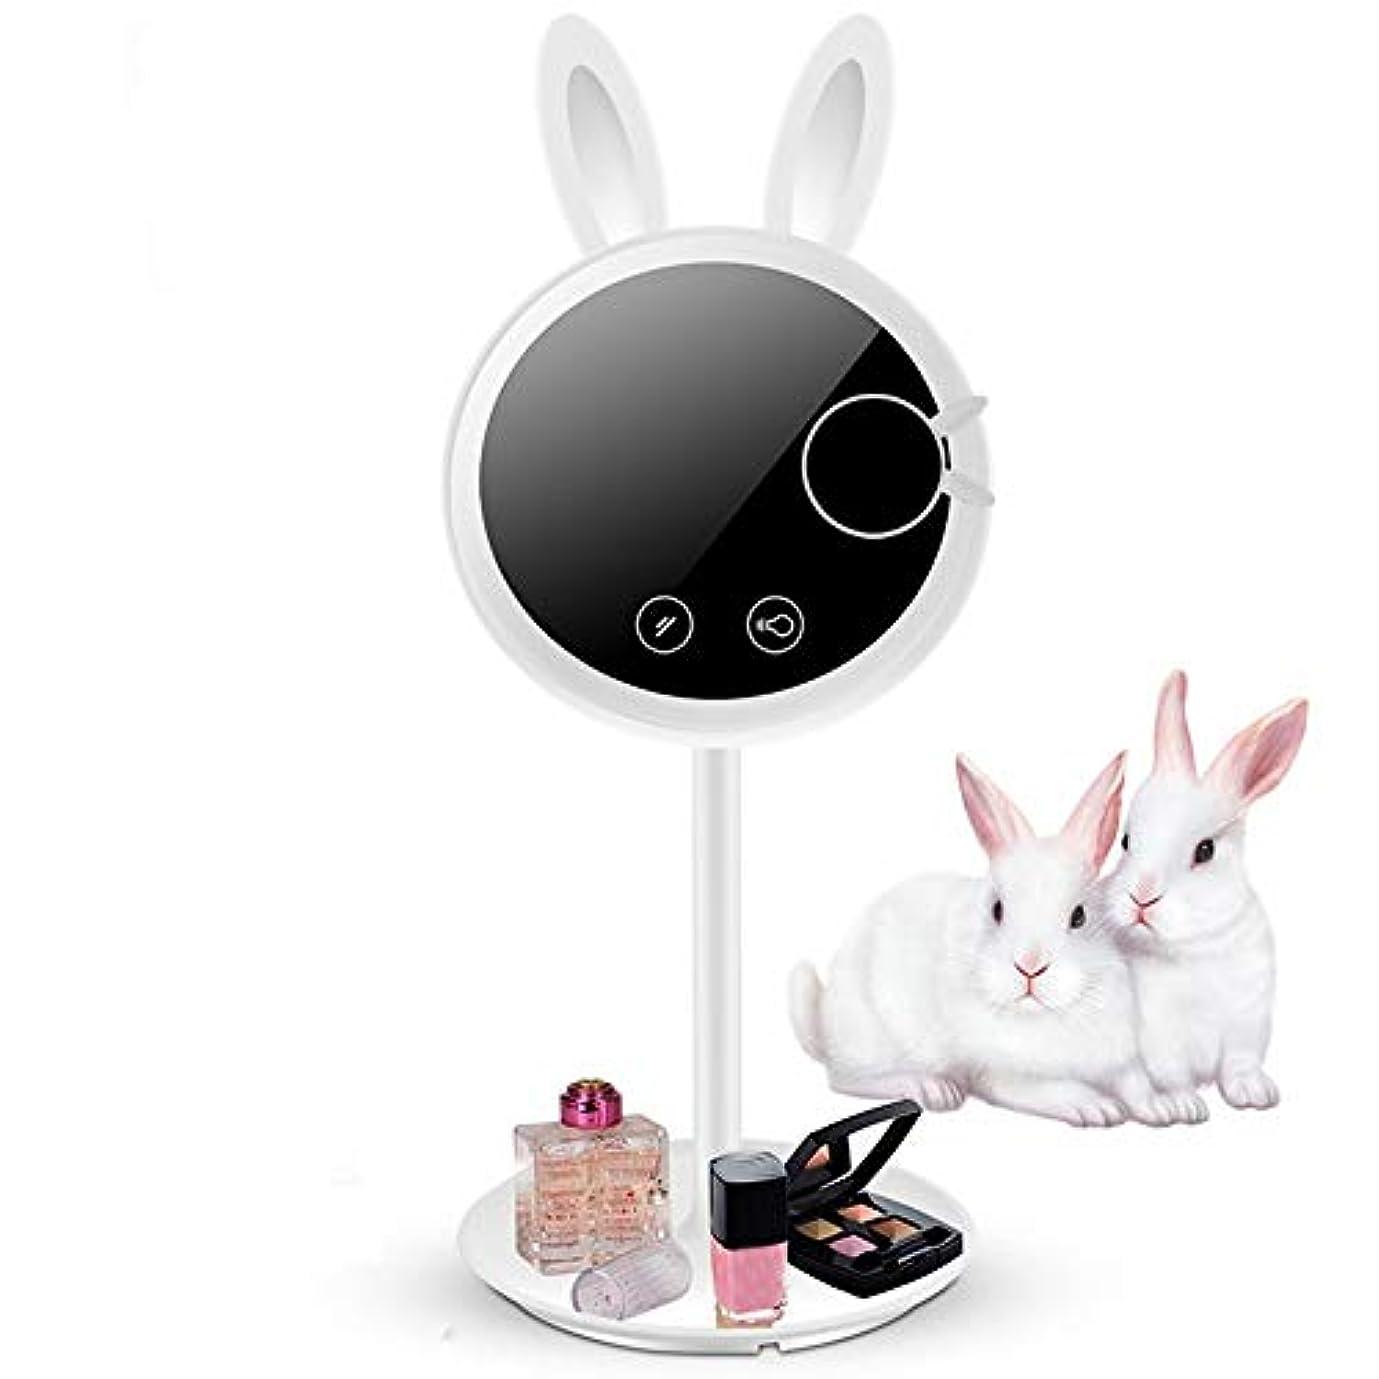 サミュエル無意識海外流行の 新しいバニーLEDフィルライト化粧鏡と光インテリジェントフィルライトデスクトップ化粧鏡ABS小さなギフトホワイト